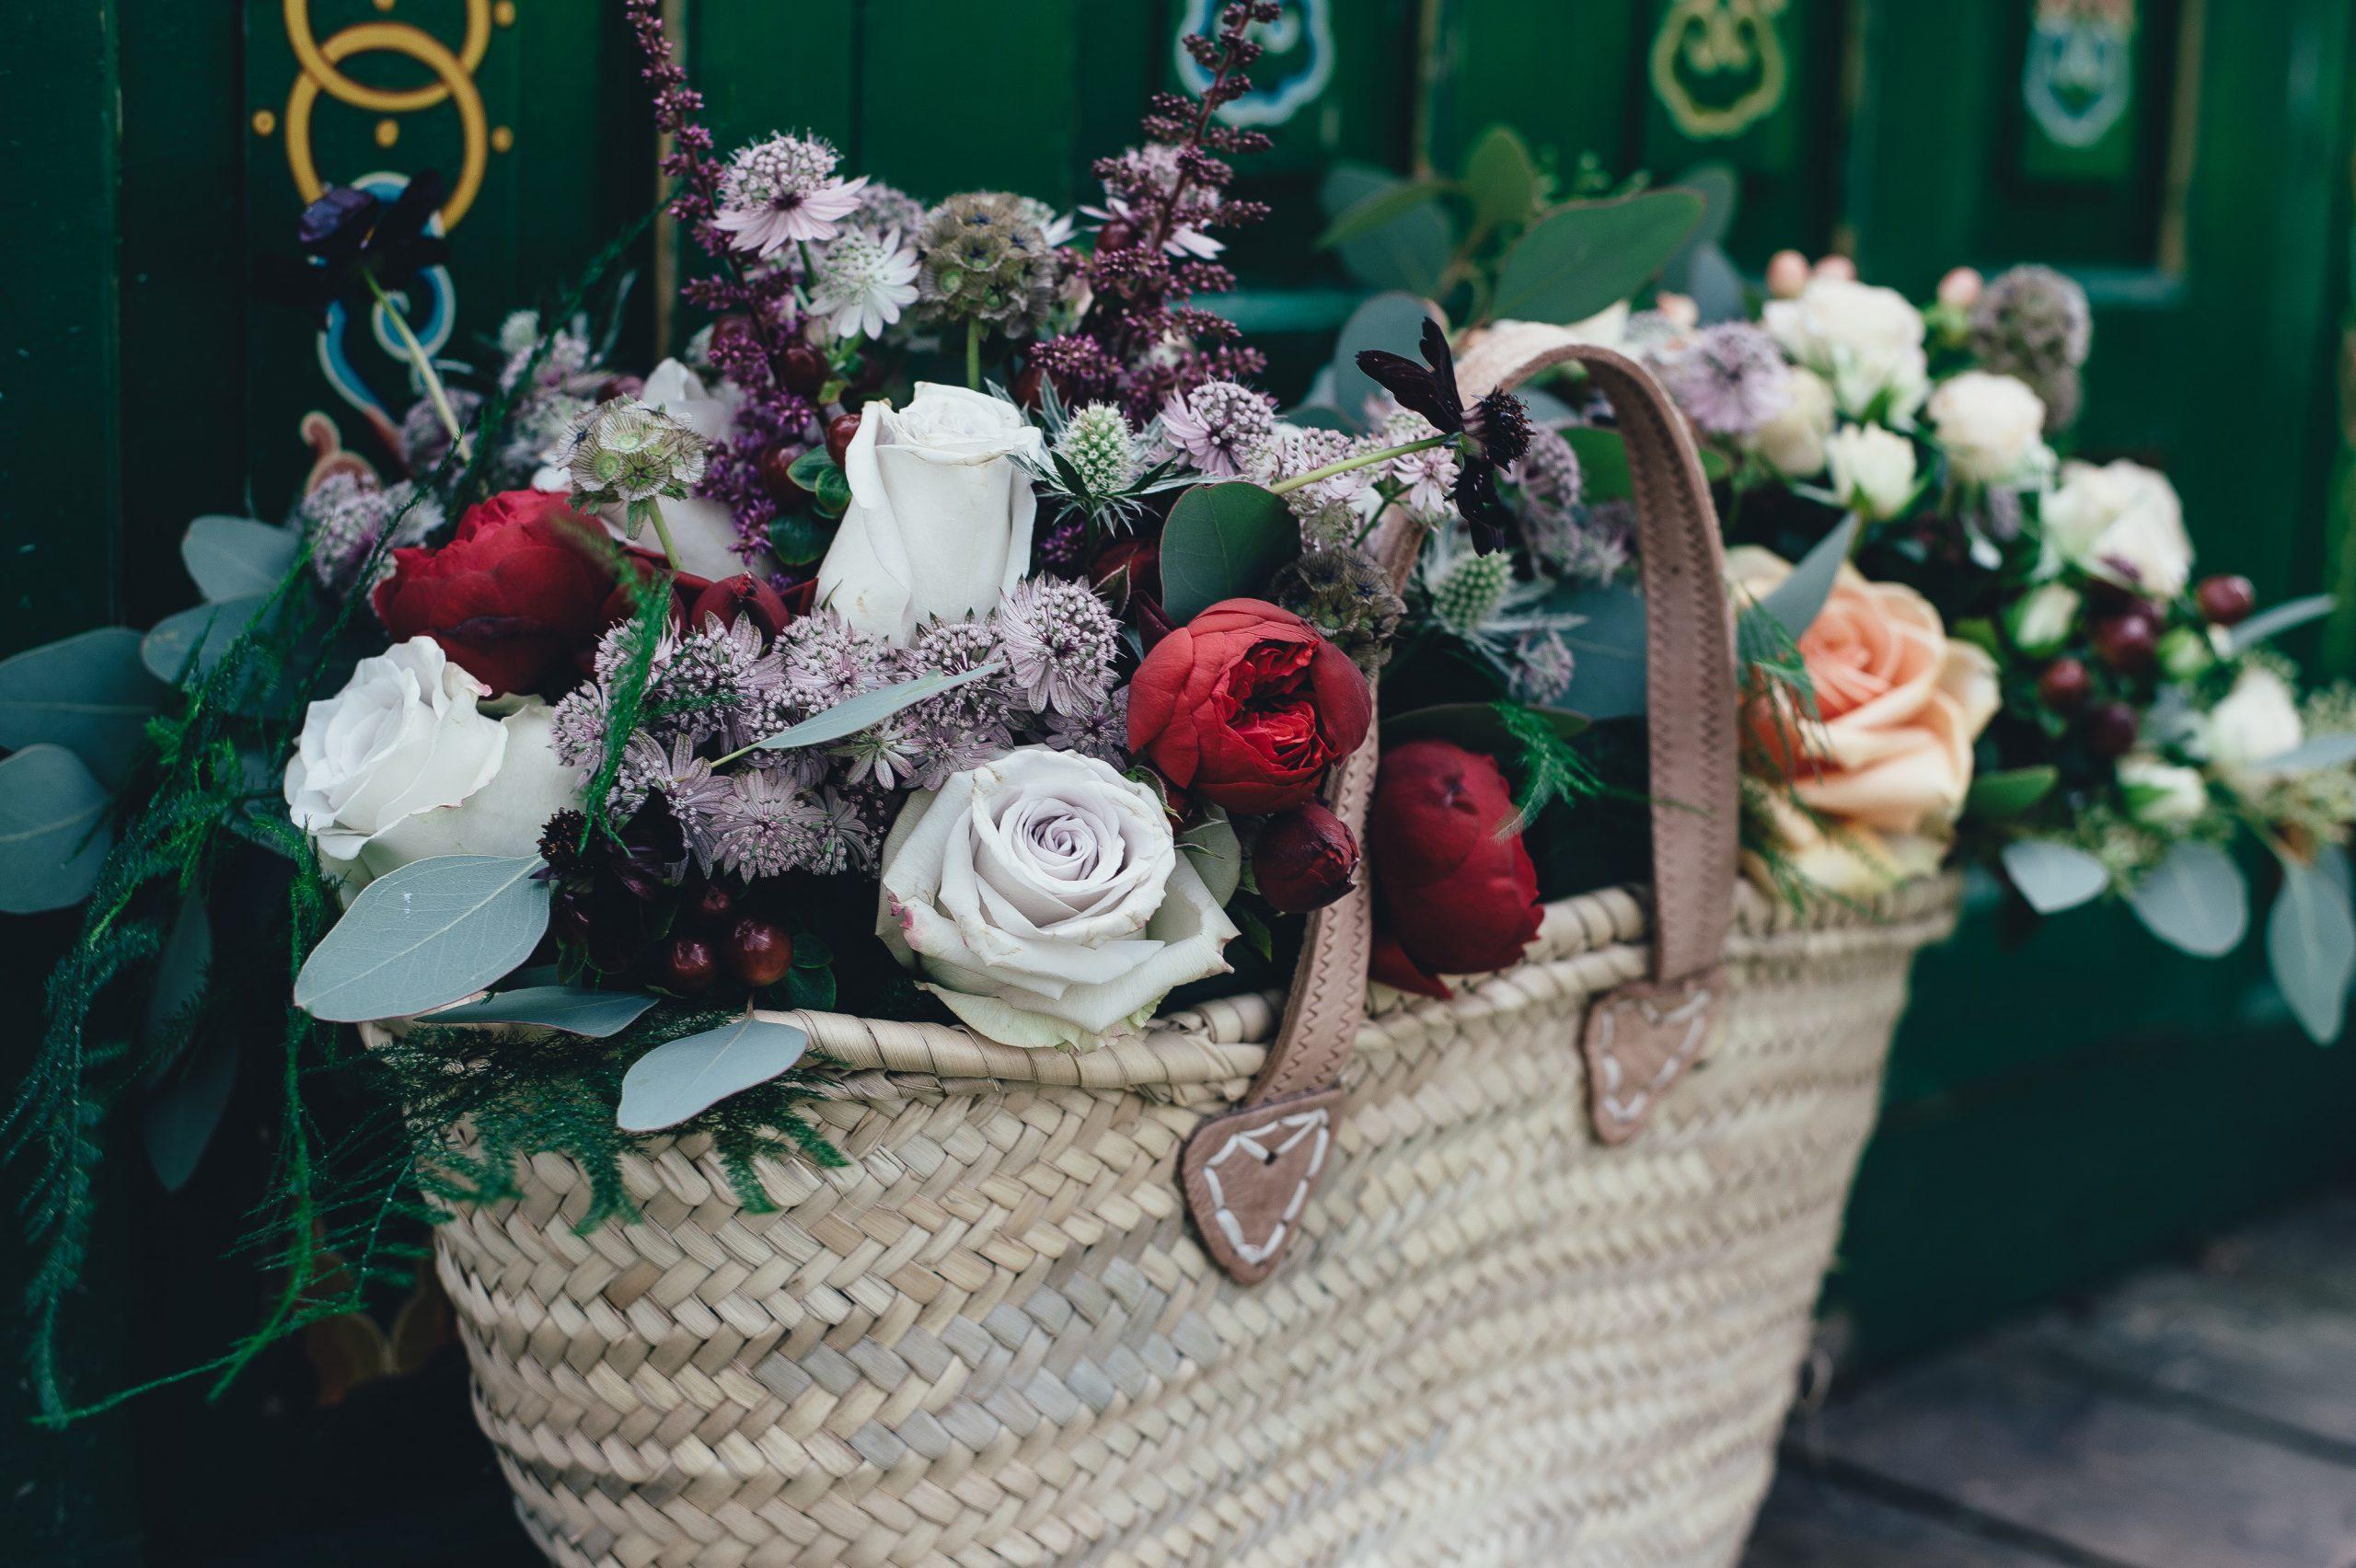 Stor stråväska fylld med blommor